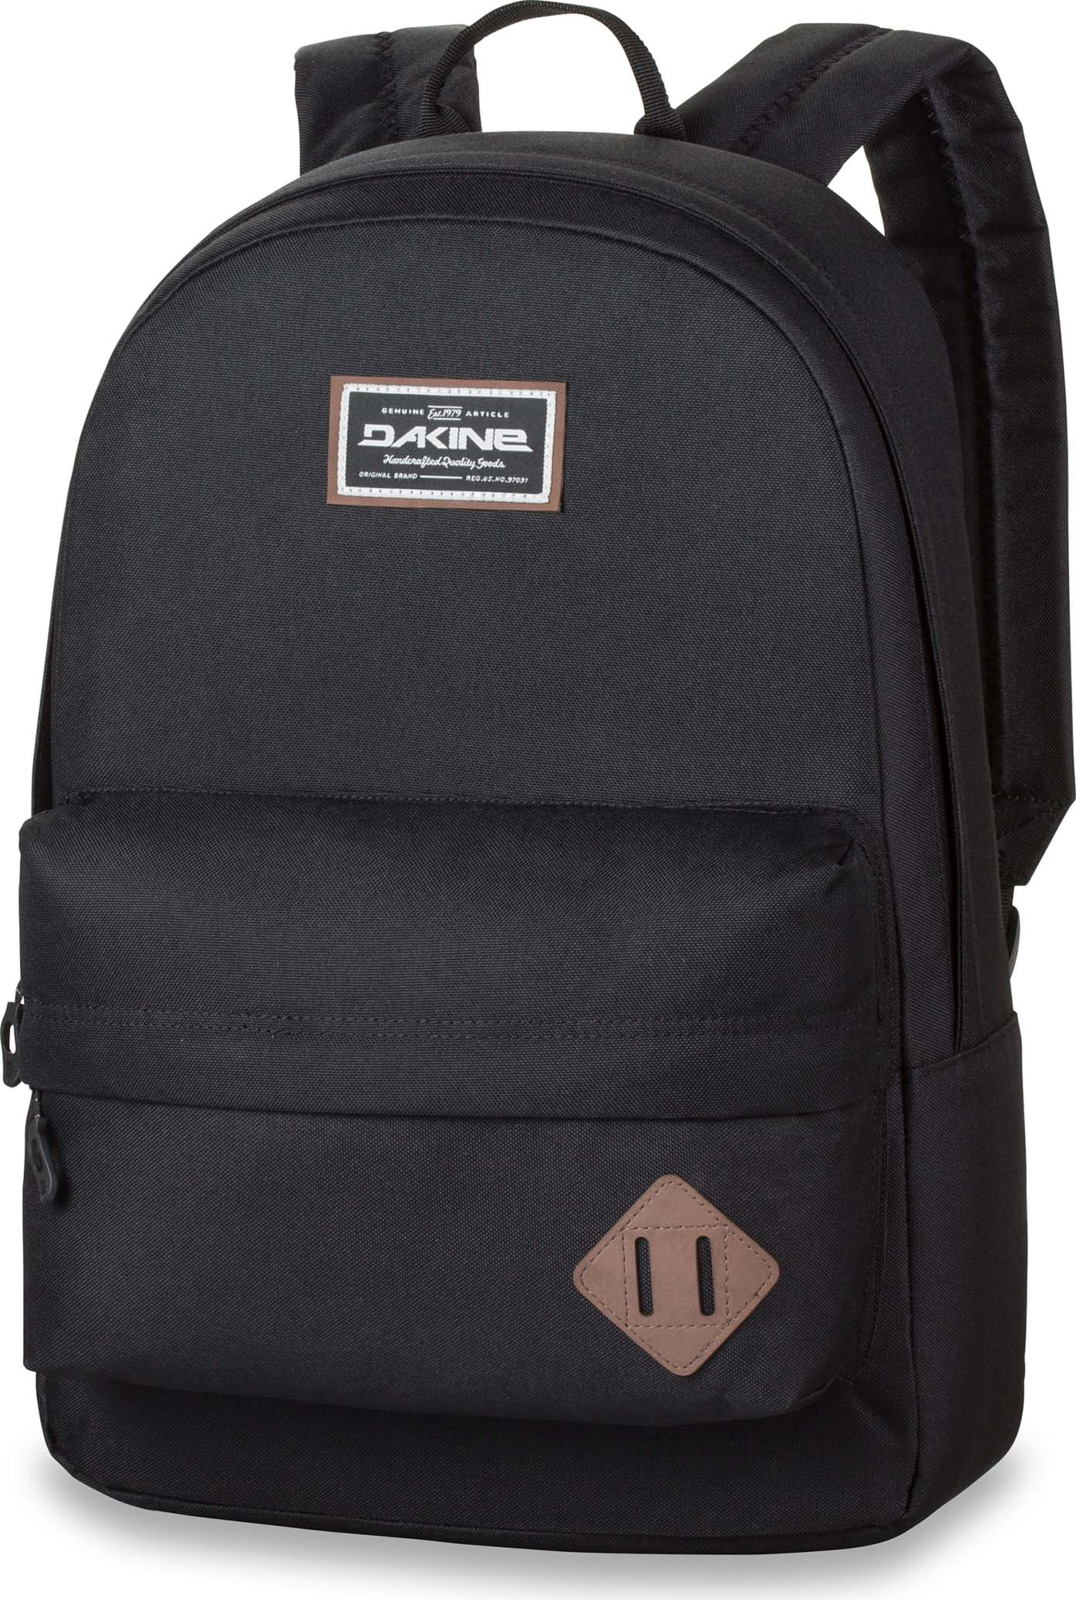 Рюкзак Dakine 365 Pack, цвет: черный, 21 л dakine рюкзак dakine dk 365 dewilde 21 л